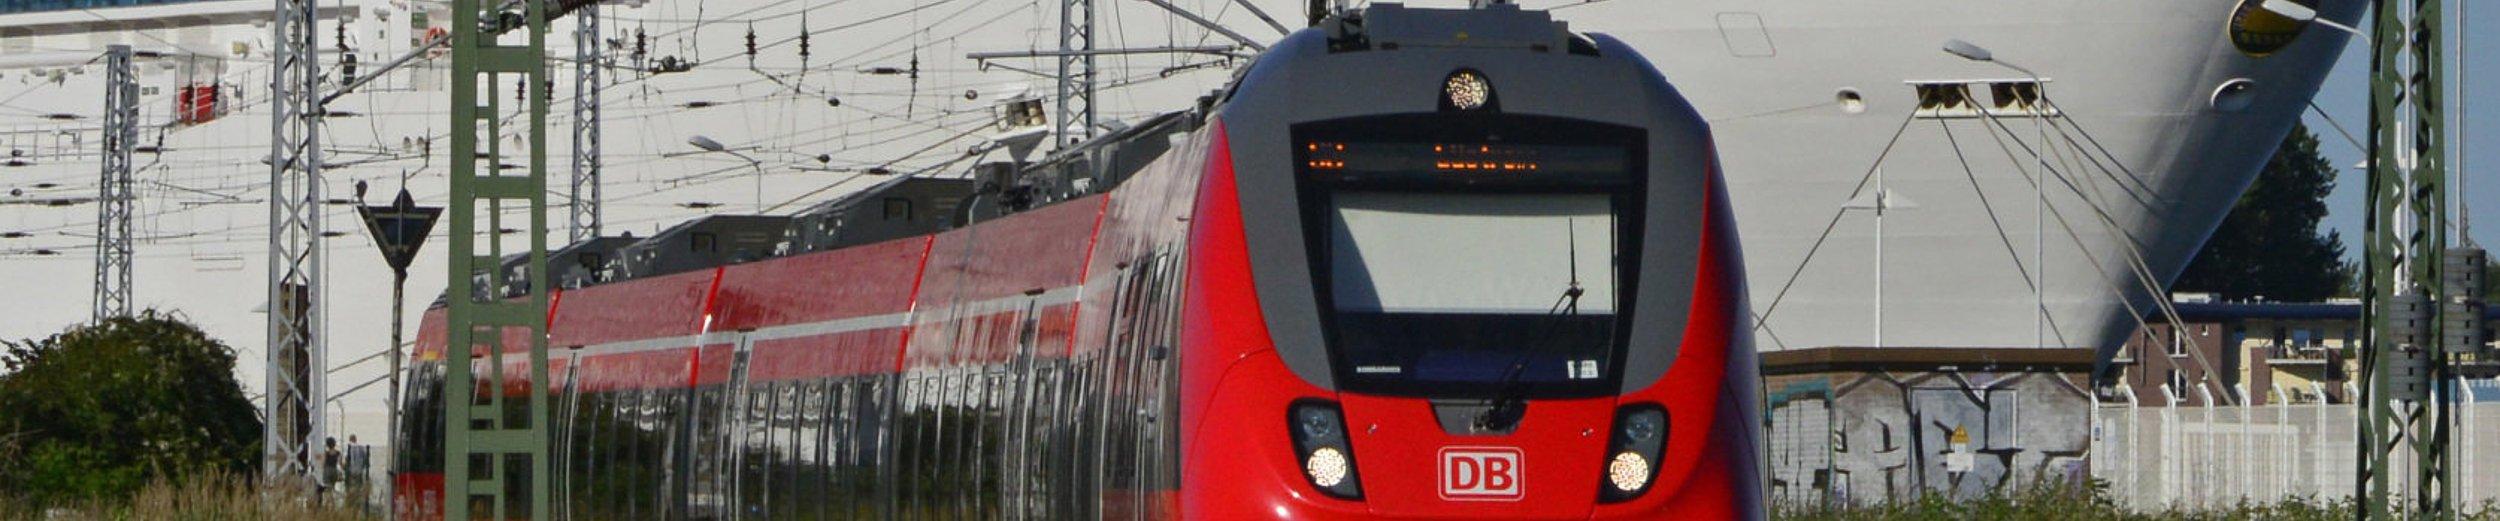 Deutsche bahn mecklenburg-vorpommern-ticket single